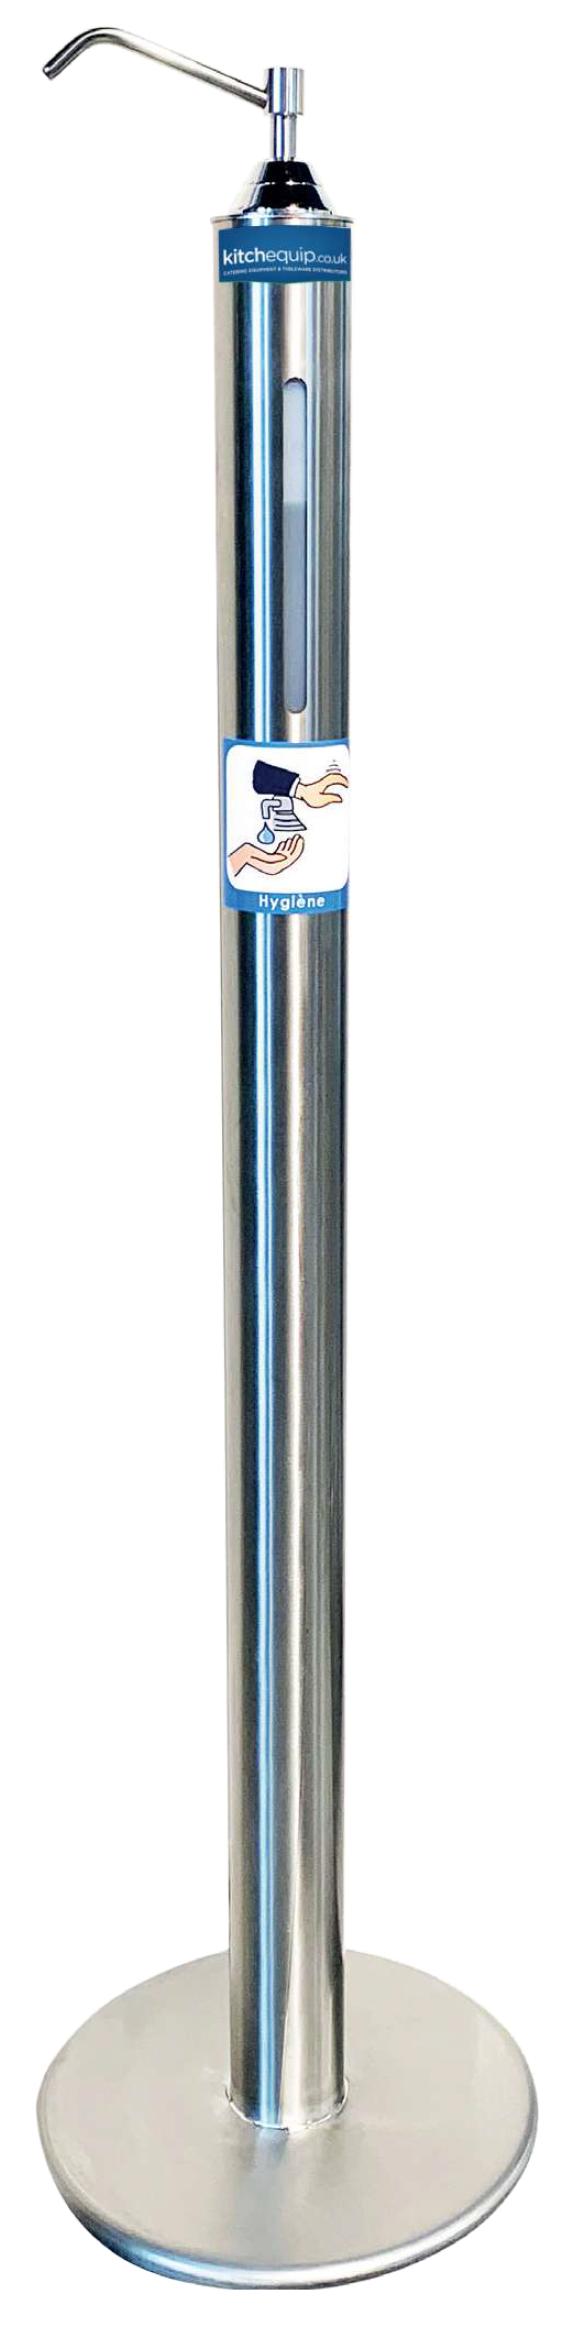 Sanitising Post & Dispenser - Adult Model